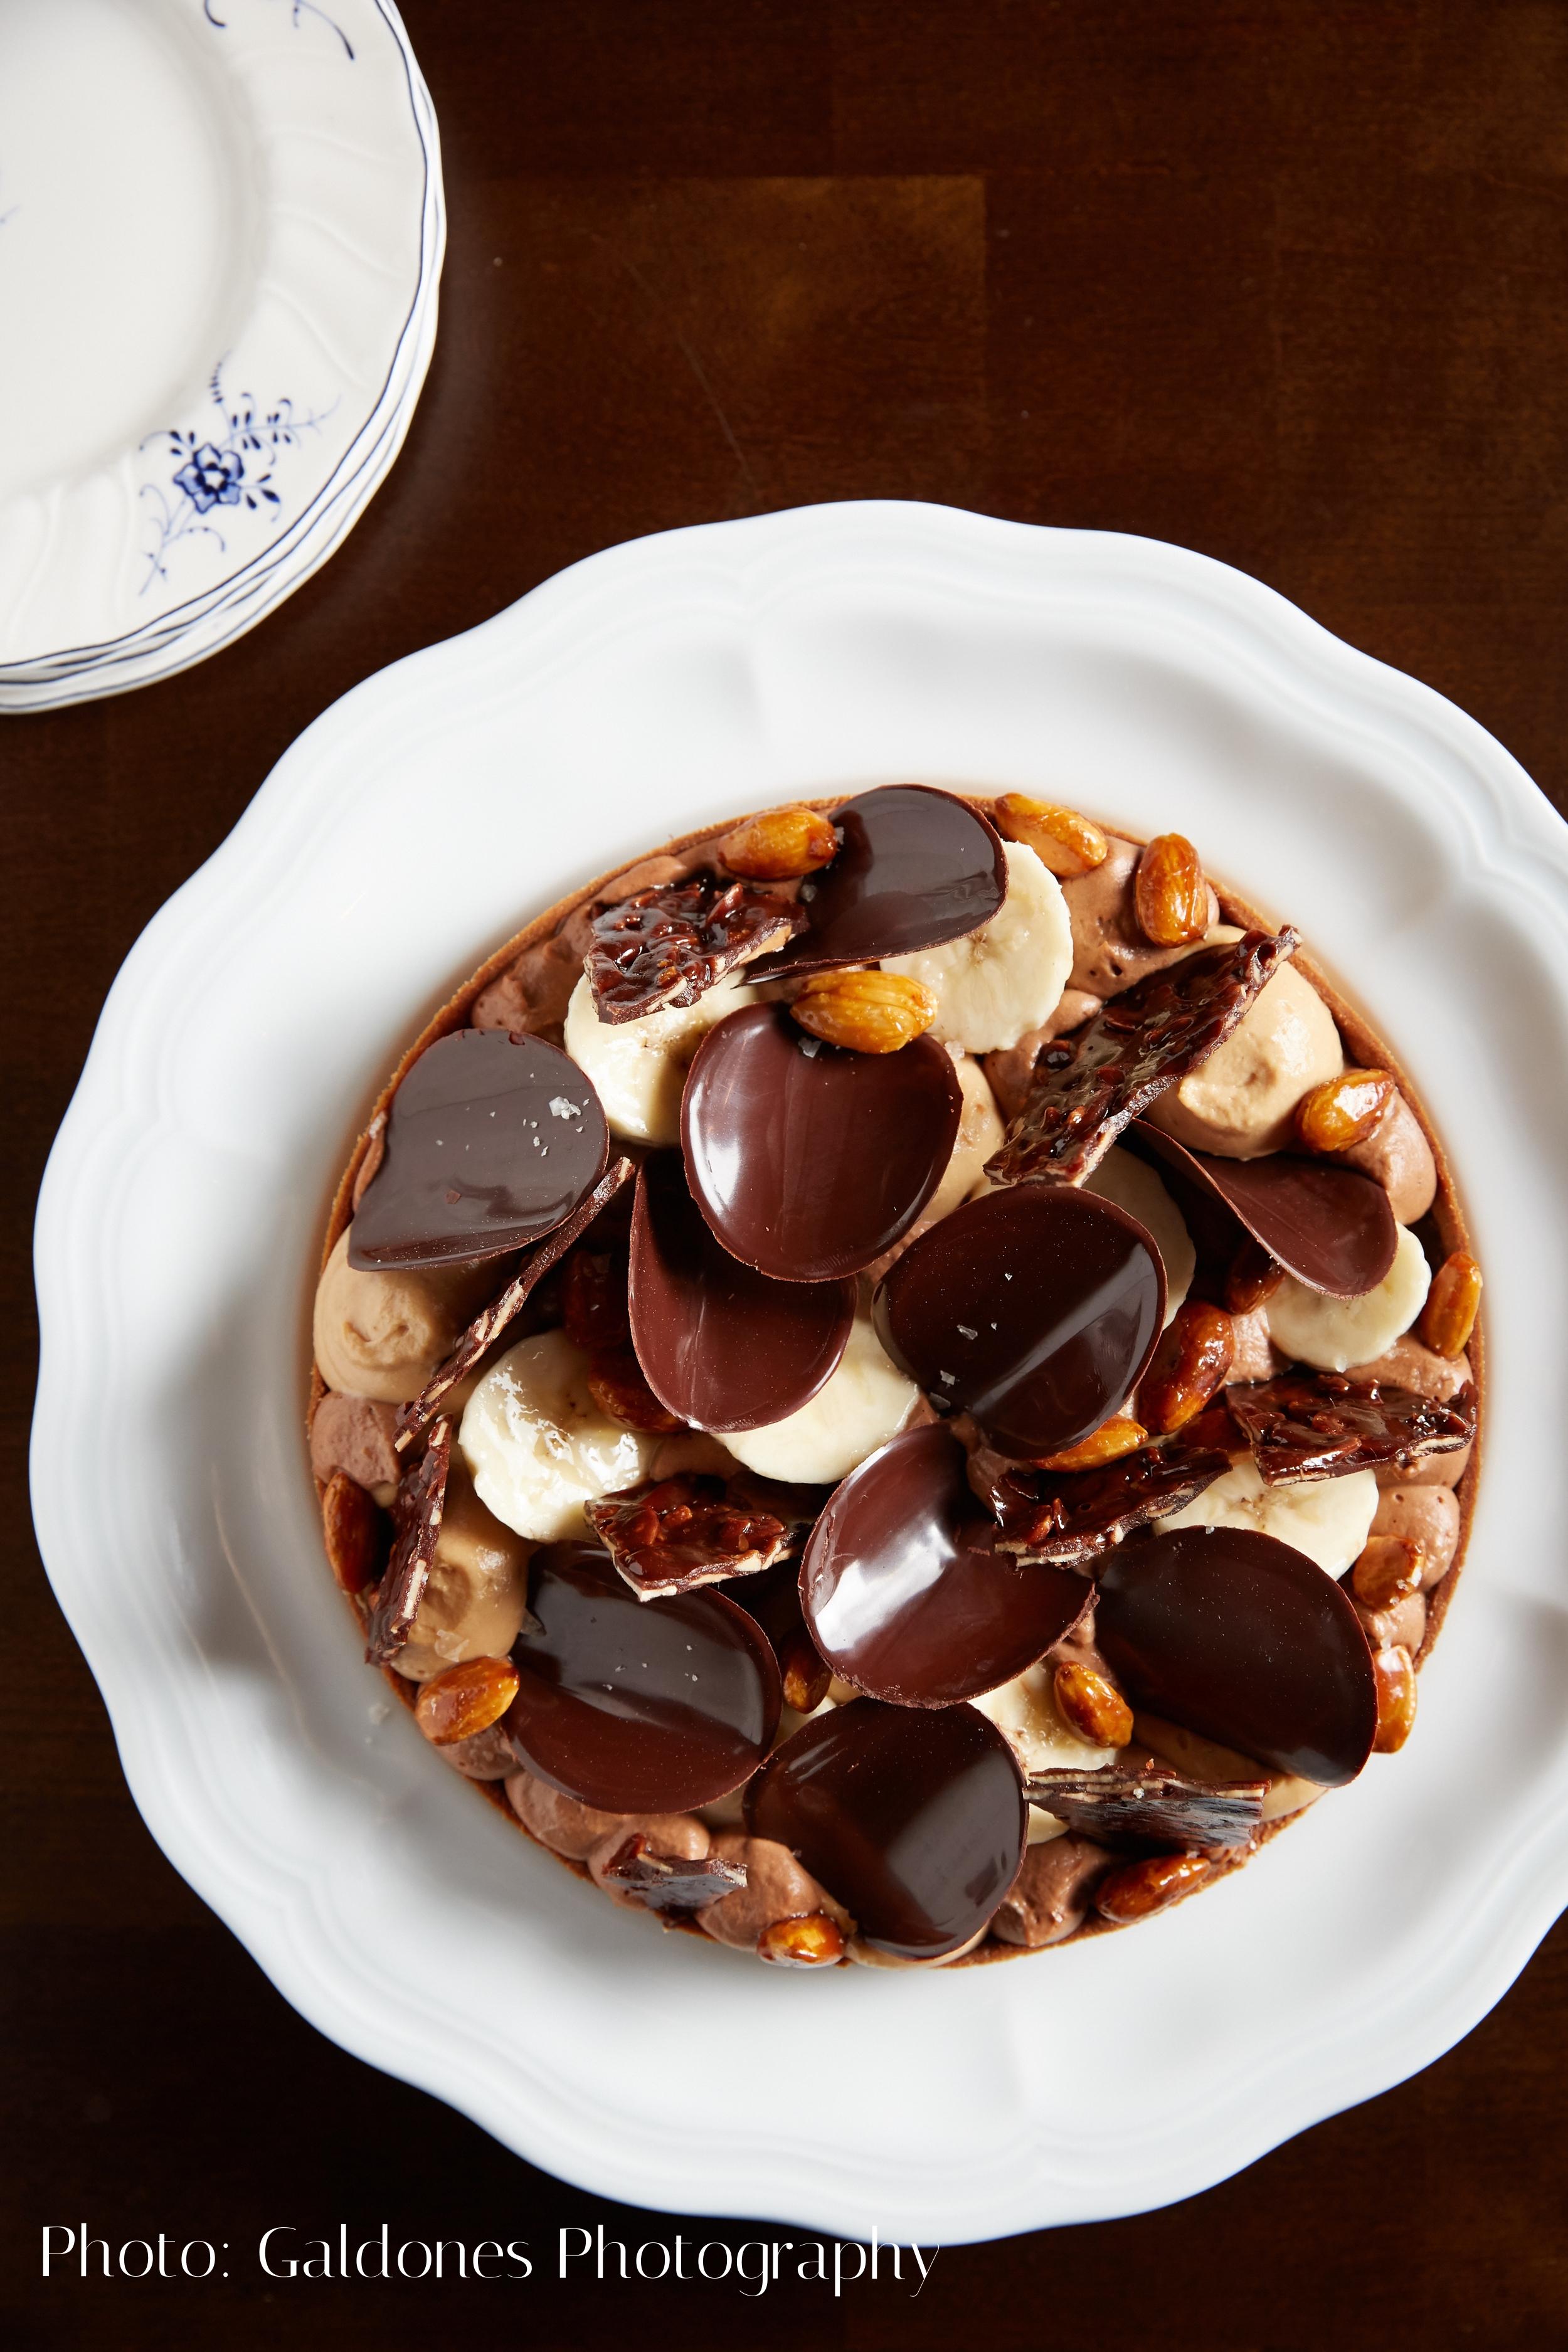 Beacon_Dessert_Bannoffee_Pie_051216_HG.jpg